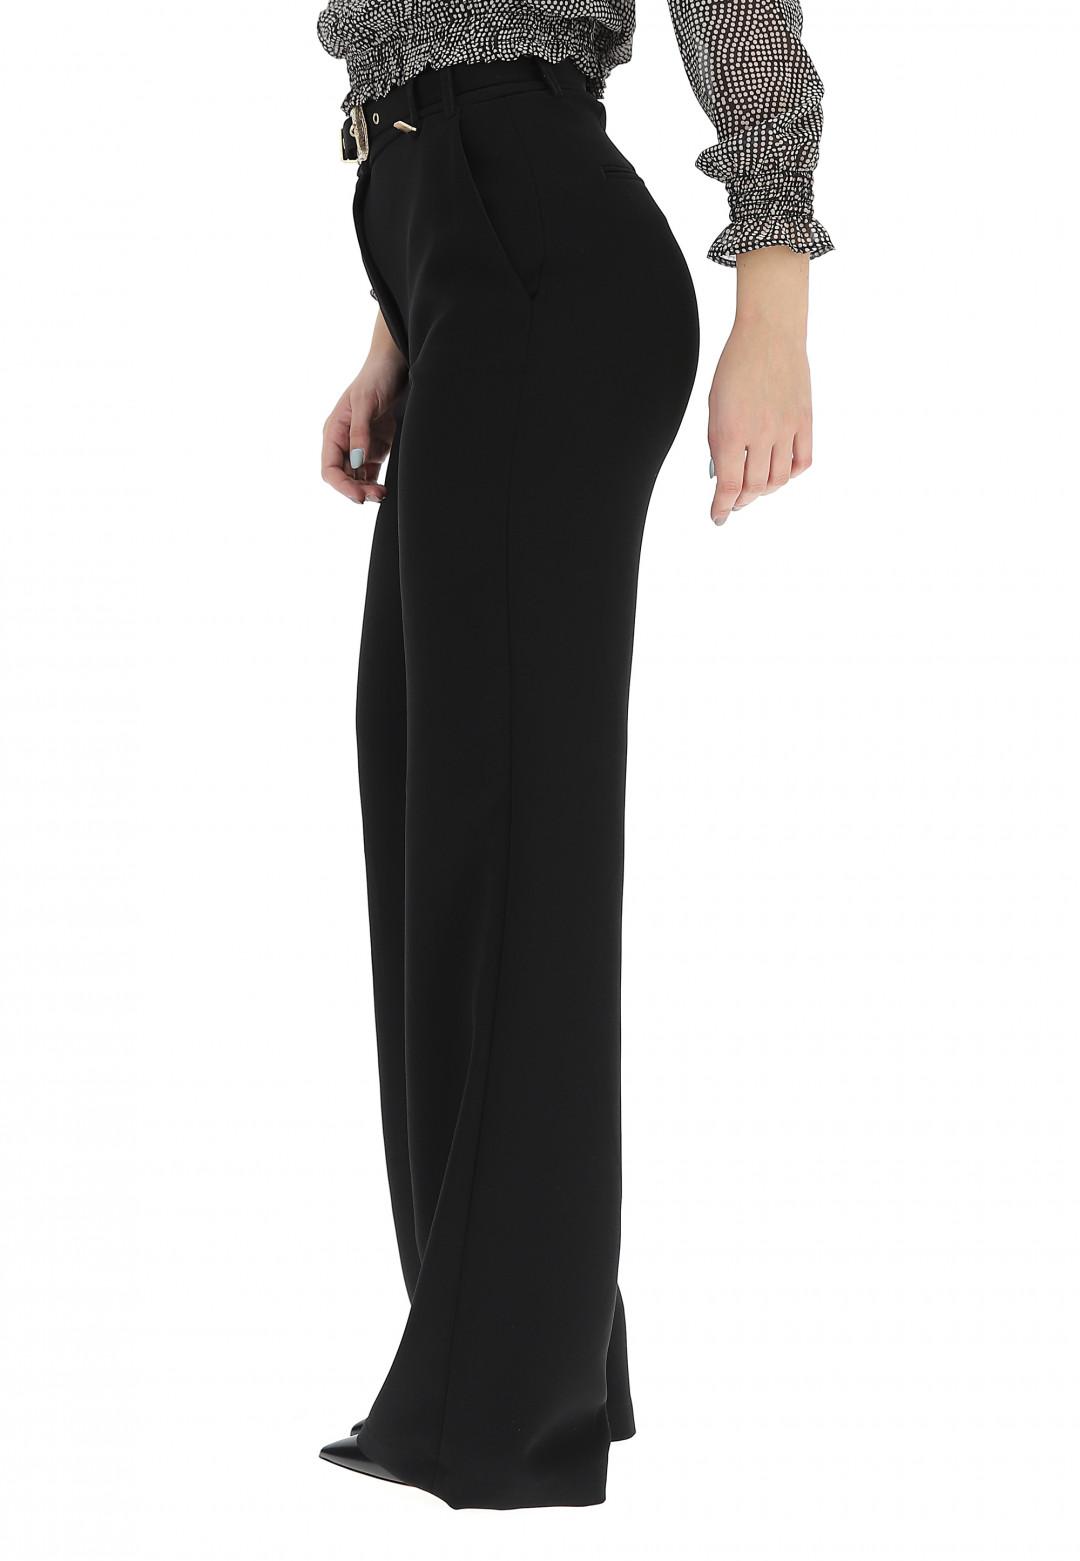 pantalone palazzo FLY GIRL | Pantalone | 30403/02900 NERO